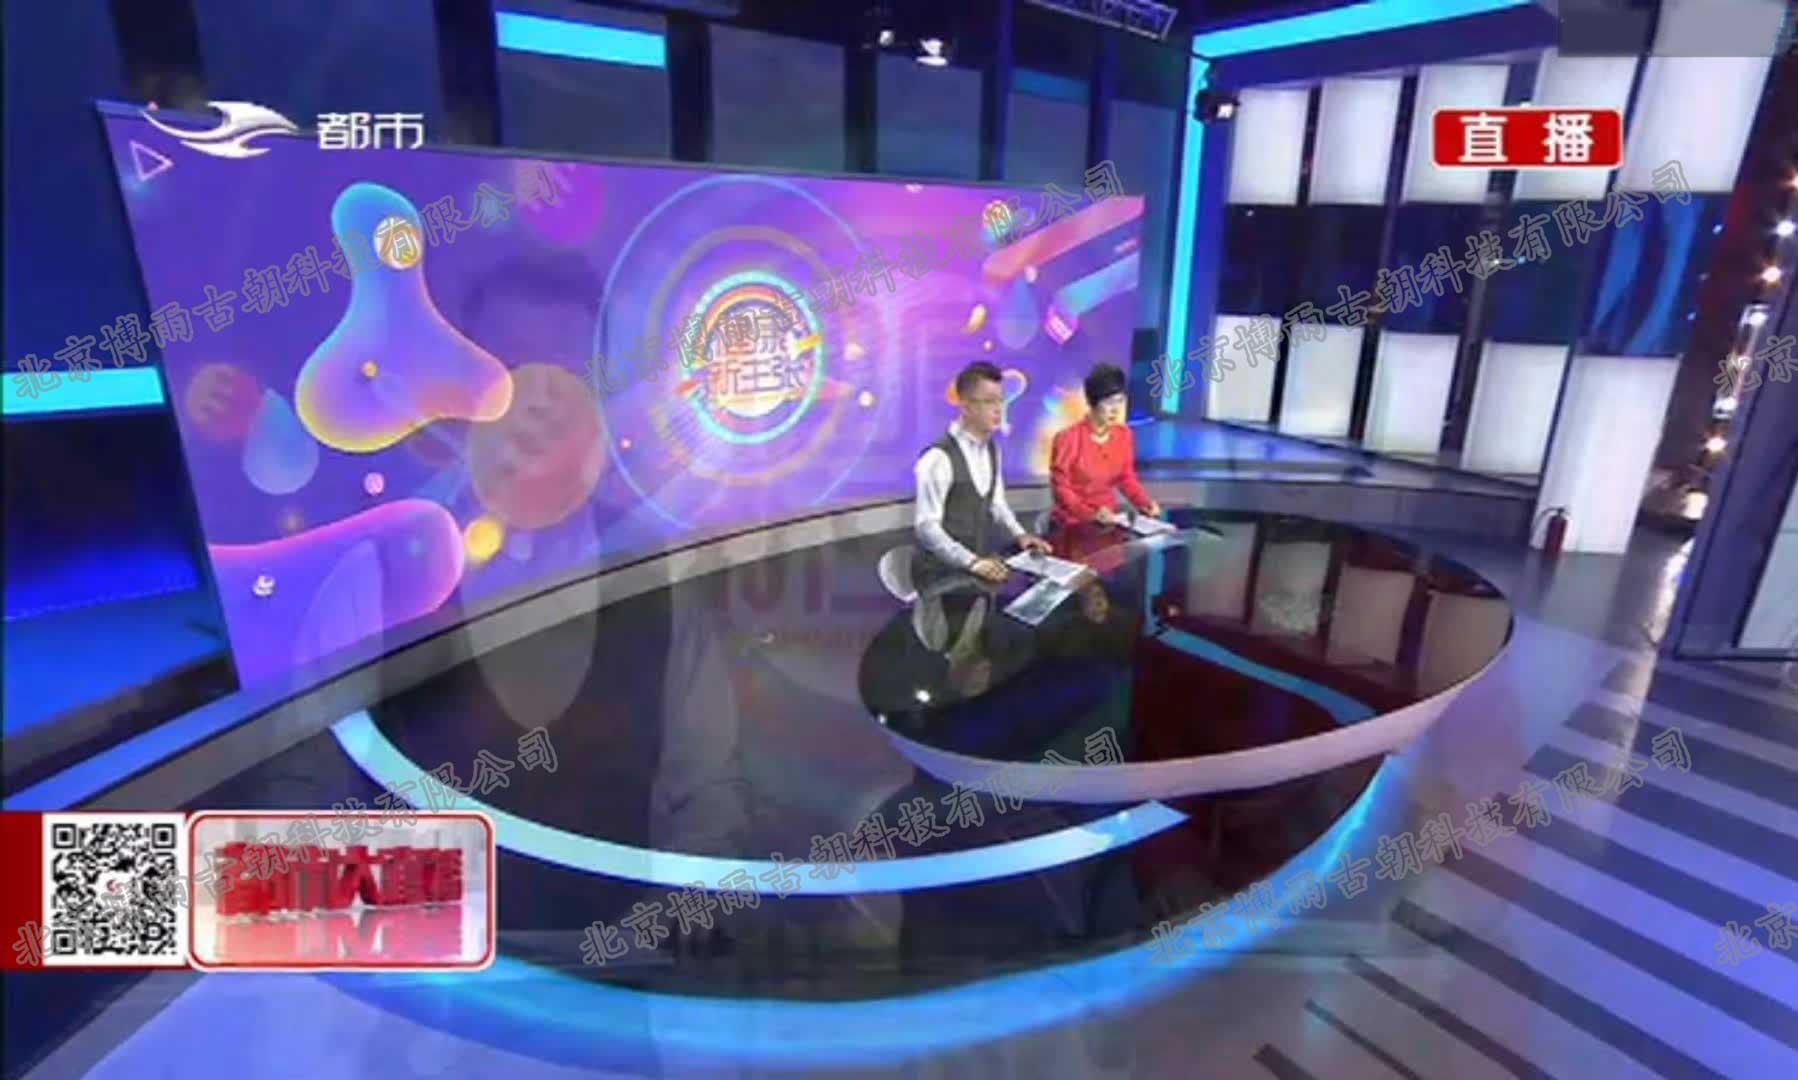 吉林卫视大型融媒体演播厅